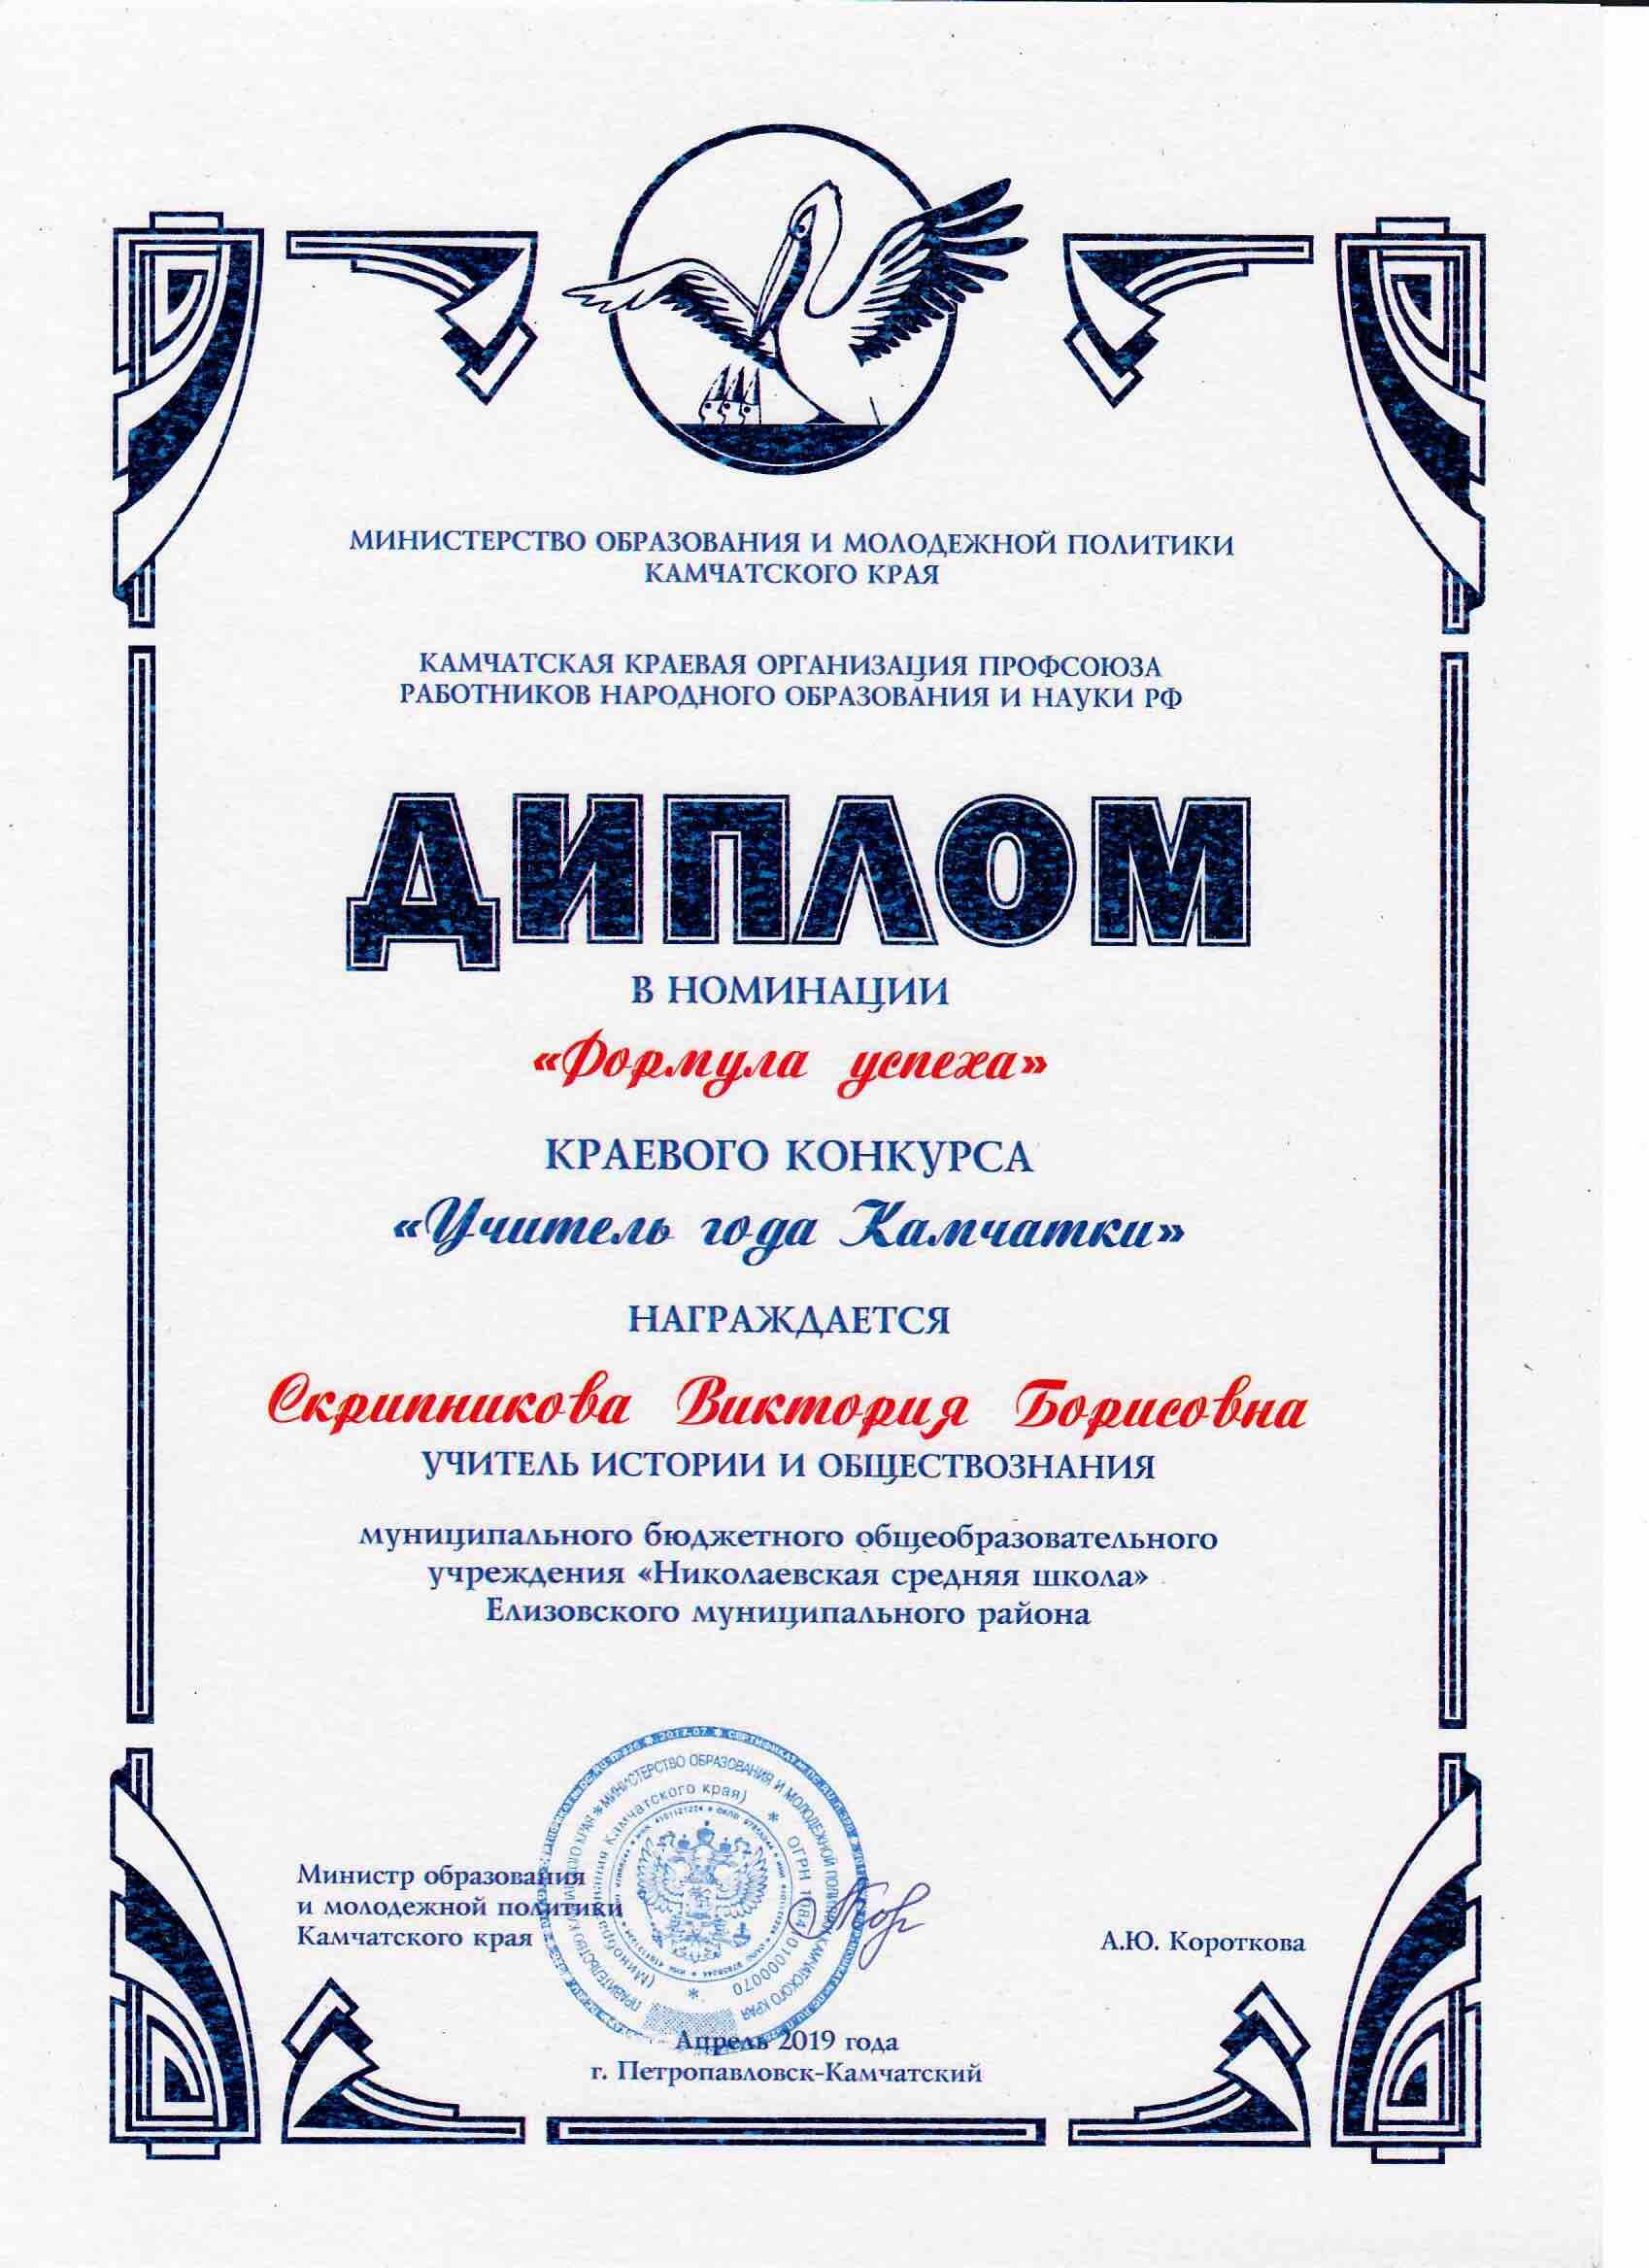 грамоты Скрипникова 1